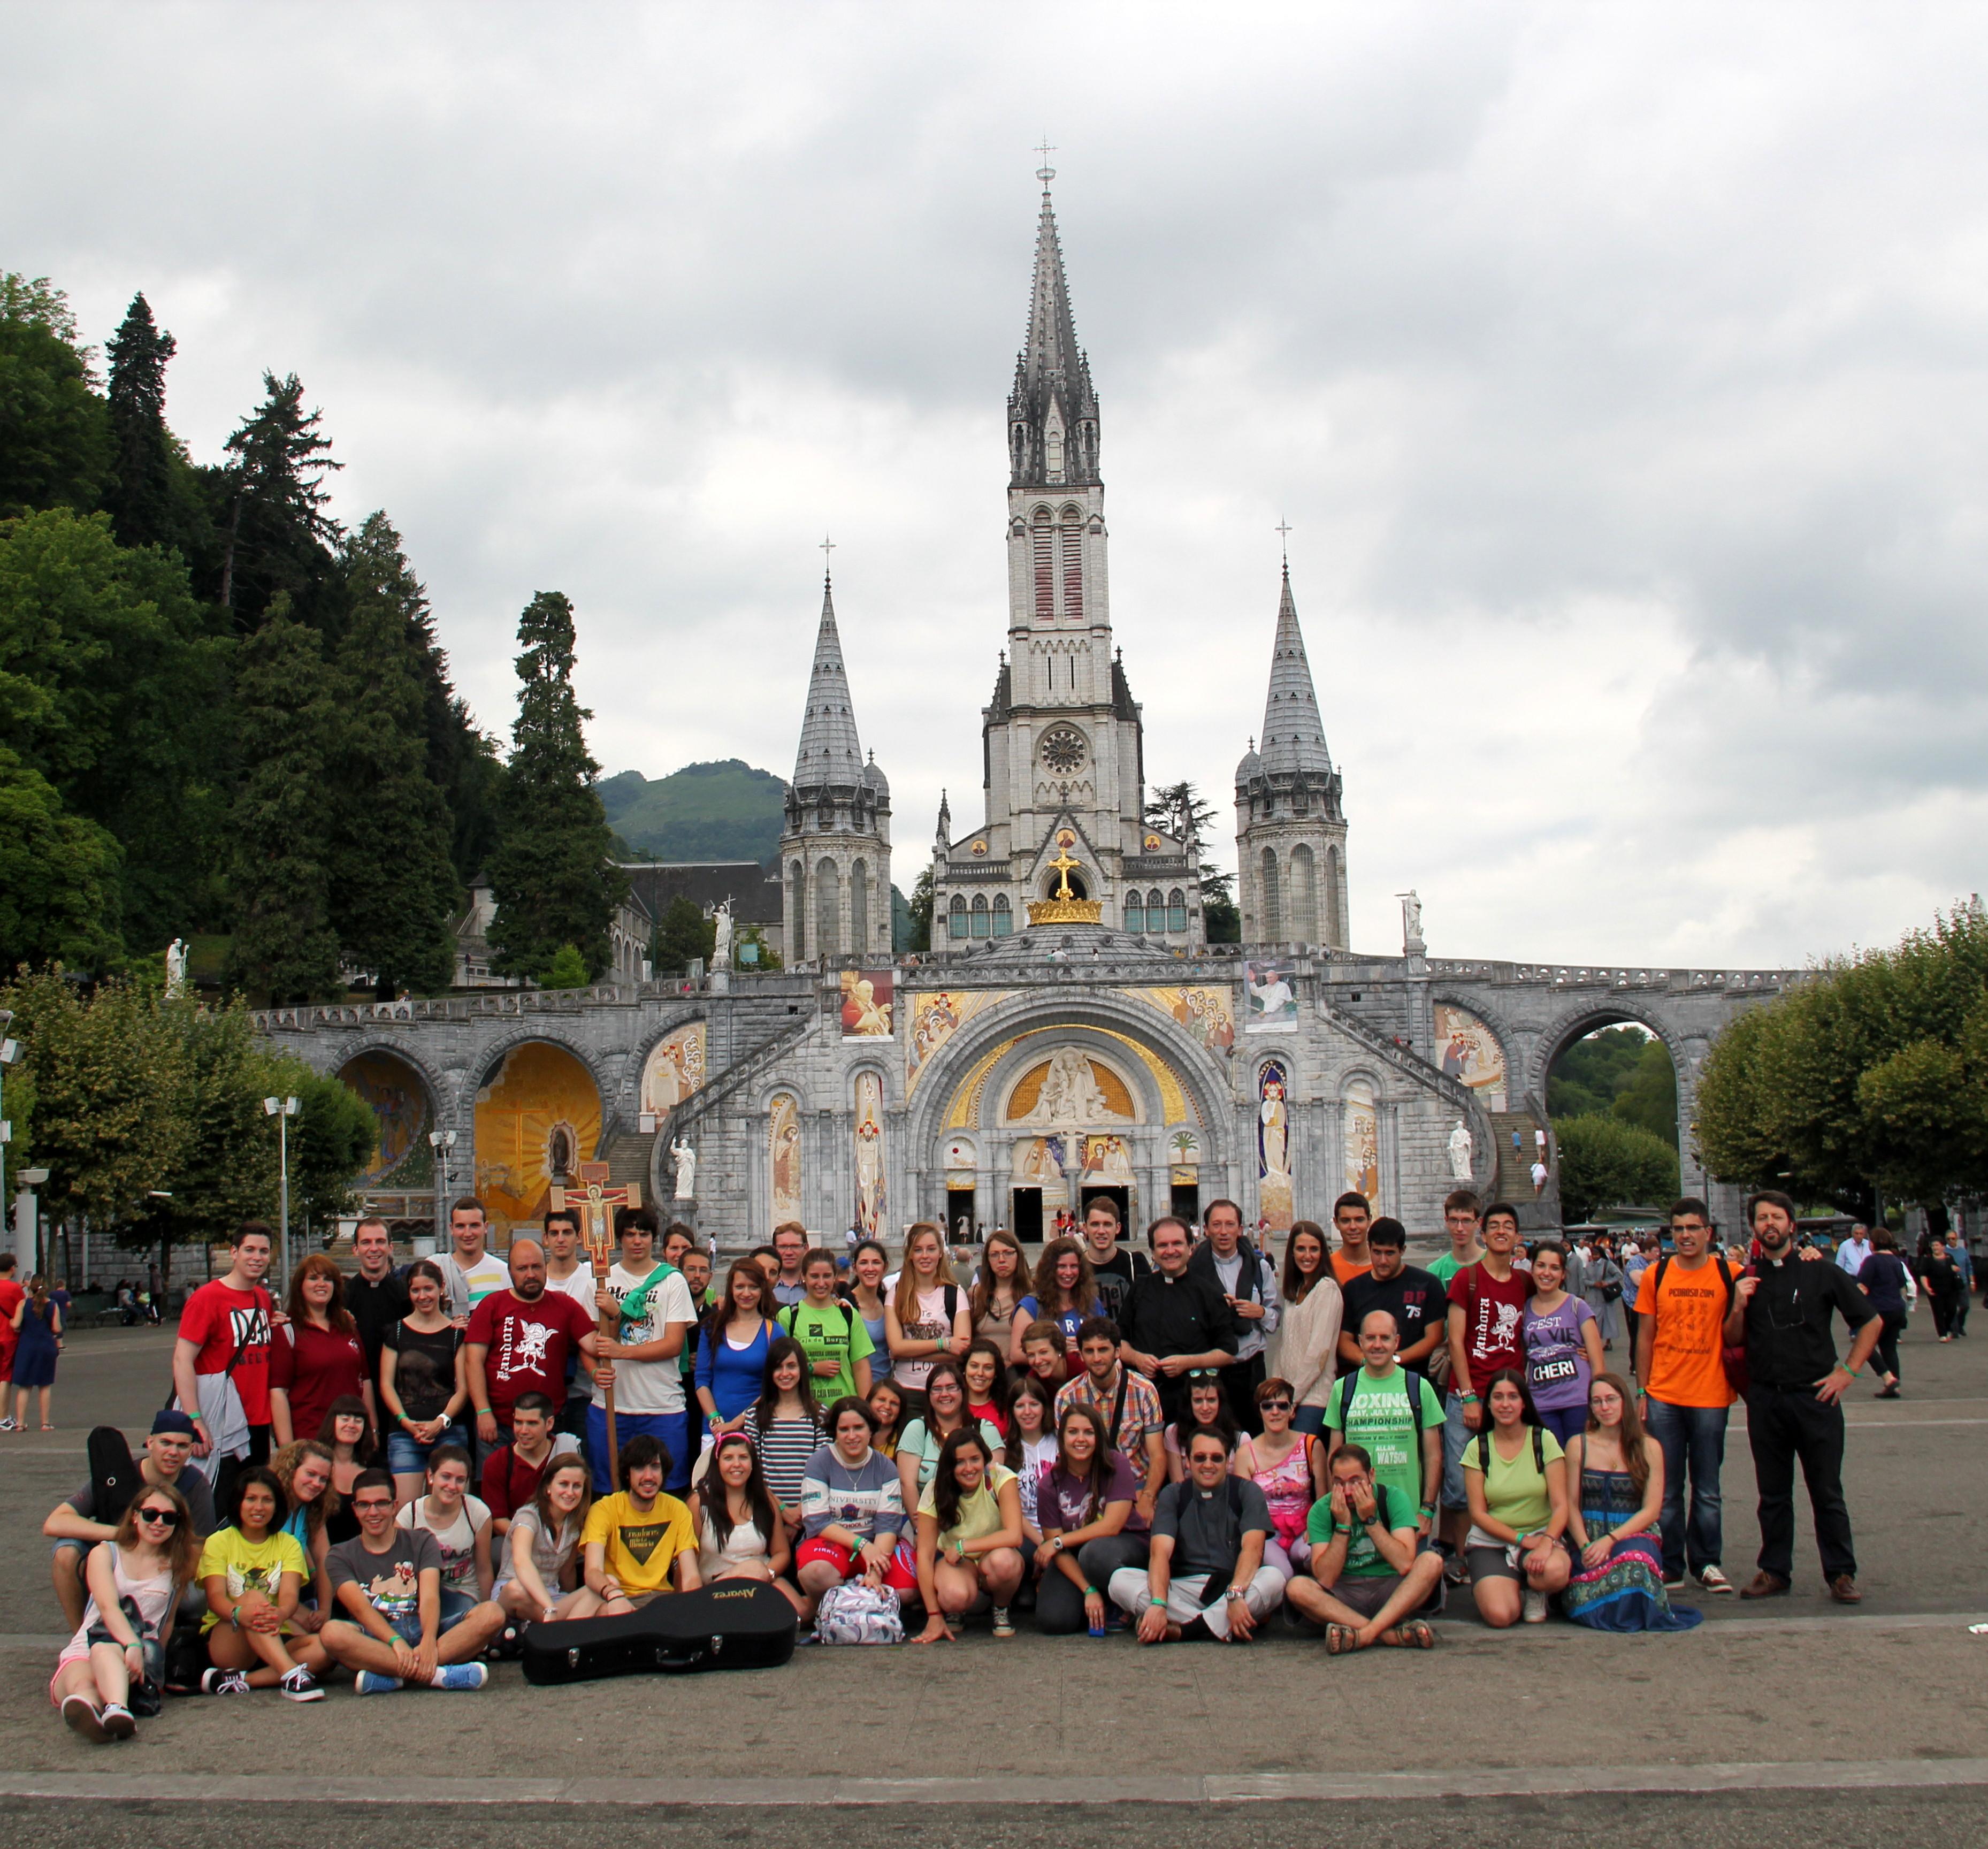 Los jóvenes de la diócesis posan para una foto frente a la basílica de Lourdes.